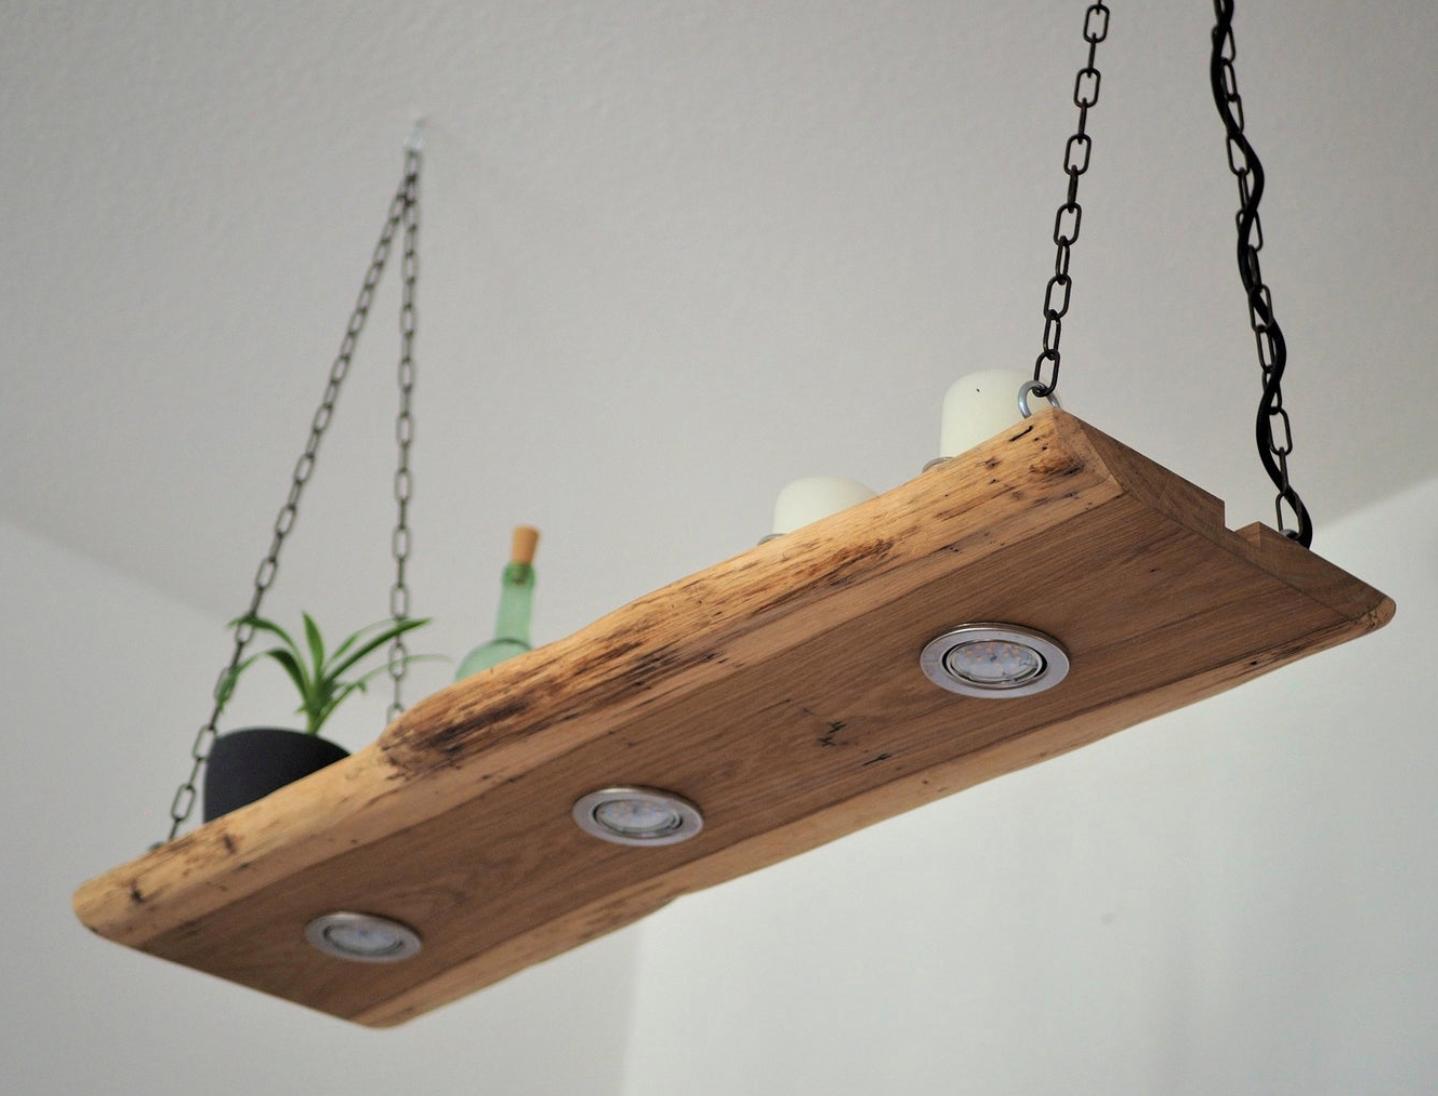 Https Www Etsy Com Uk Listing 835655919 Hanging Lamp Wood Oak Rustic Ga Order Most Relevant Ga Search Type All Ga View Ty In 2020 Wood Ceiling Lamp Hanging Lamp Lamp